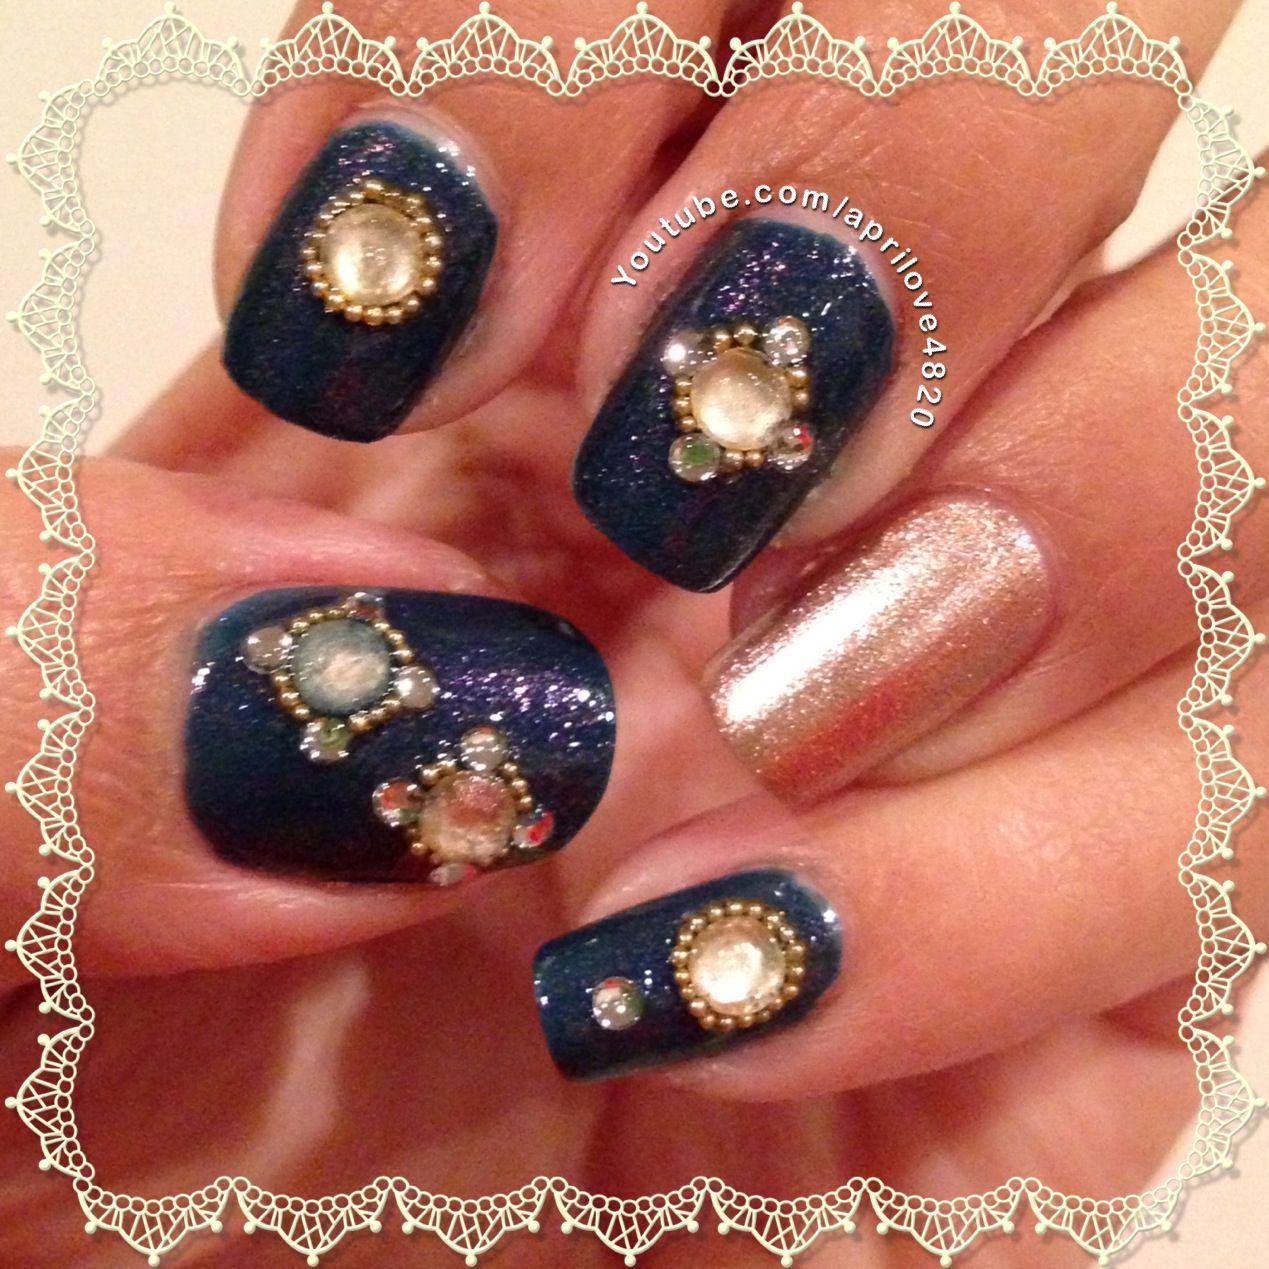 Girly Nail Art: Girly Nails #holiday NAils #nail Art #nails #girly Nails